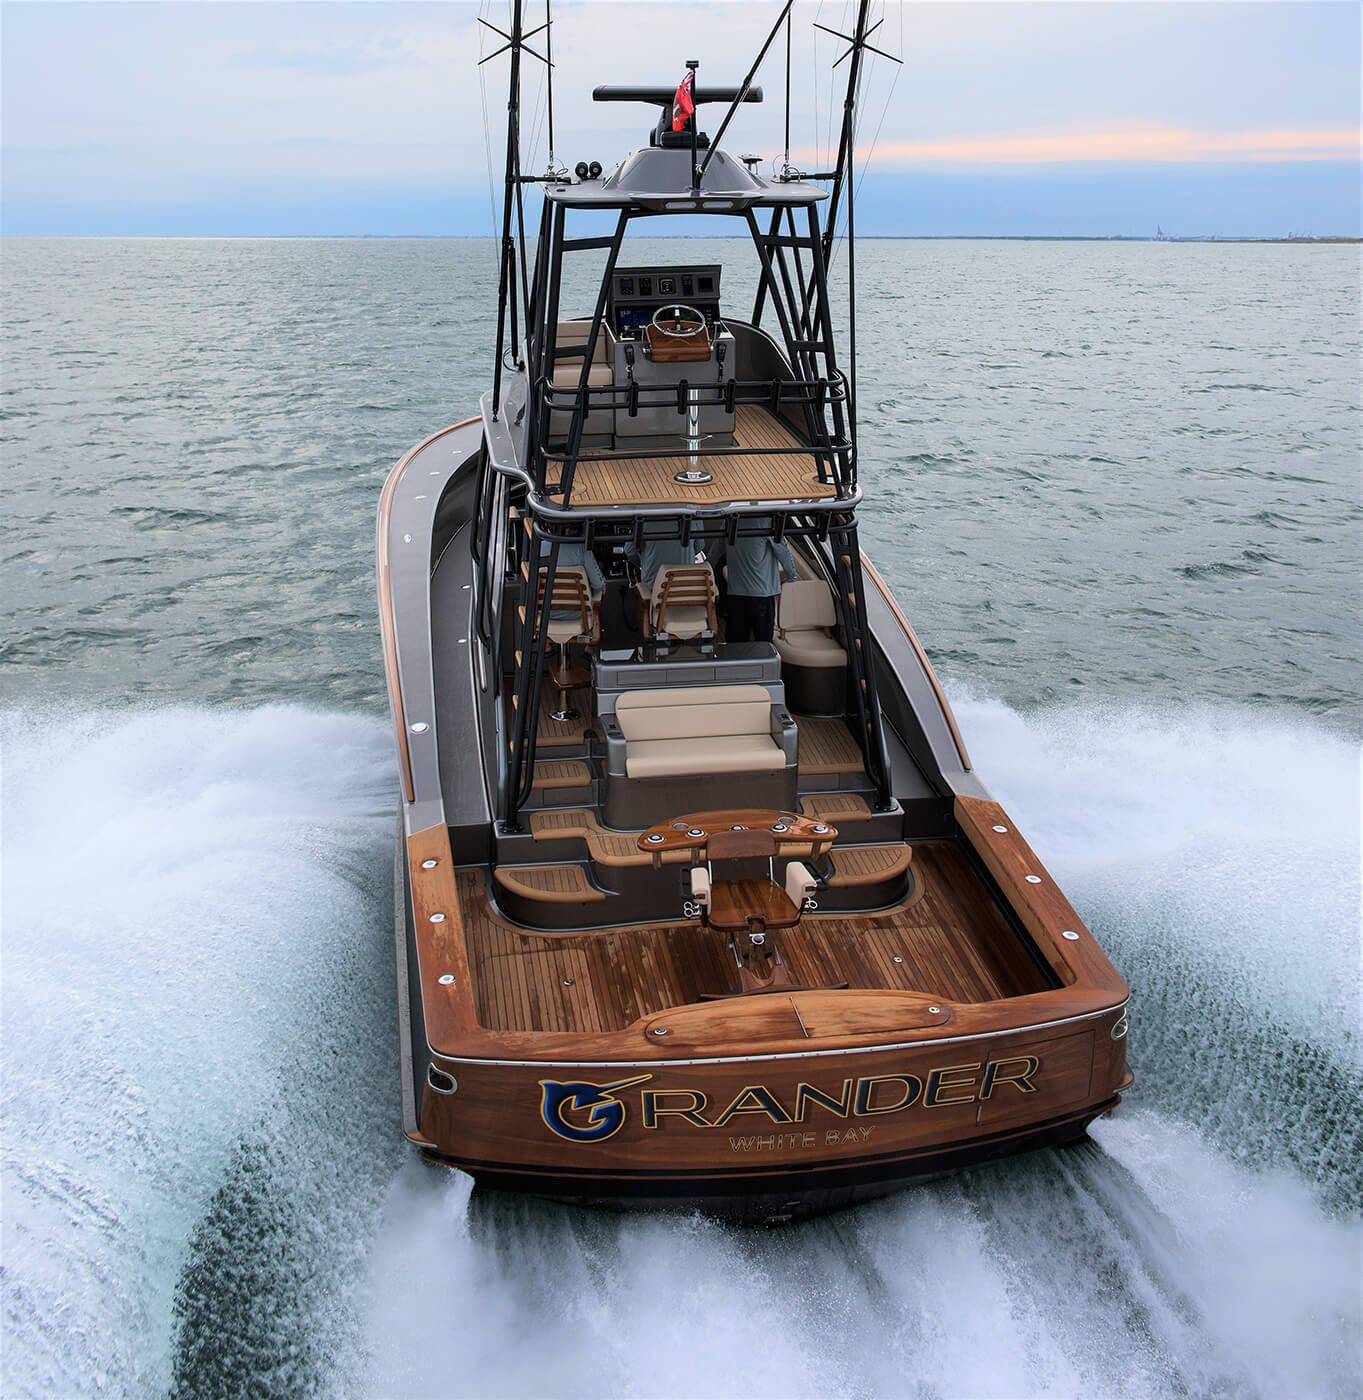 Grander White Bay Boat Transom running letter design name